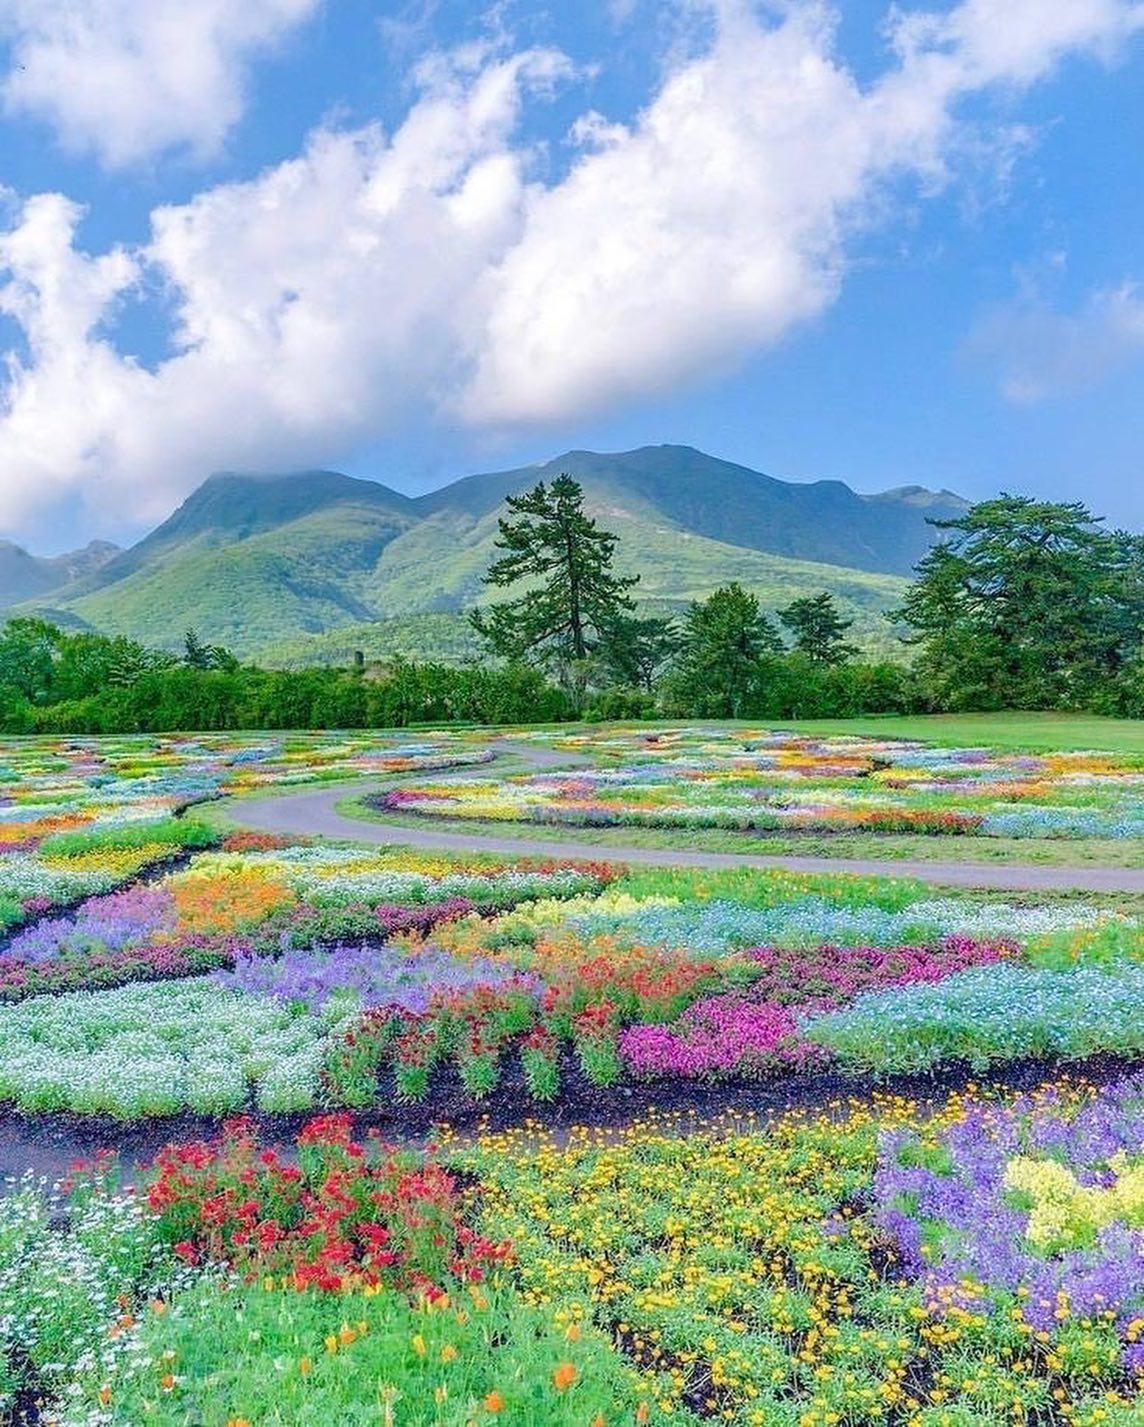 Vào những ngày trời quang, du khách có thể thưởng ngoạn khung cảnh tuyệt đẹp của thảm hoa background là dãy núi Kuju. Giữa các luống hoa, các nghệ nhân tạo ra những con đường đất quanh co, uốn lượn mềm mại, khiến nơi đây giống như chưa từng bị can thiệp bởi bàn tay con người.